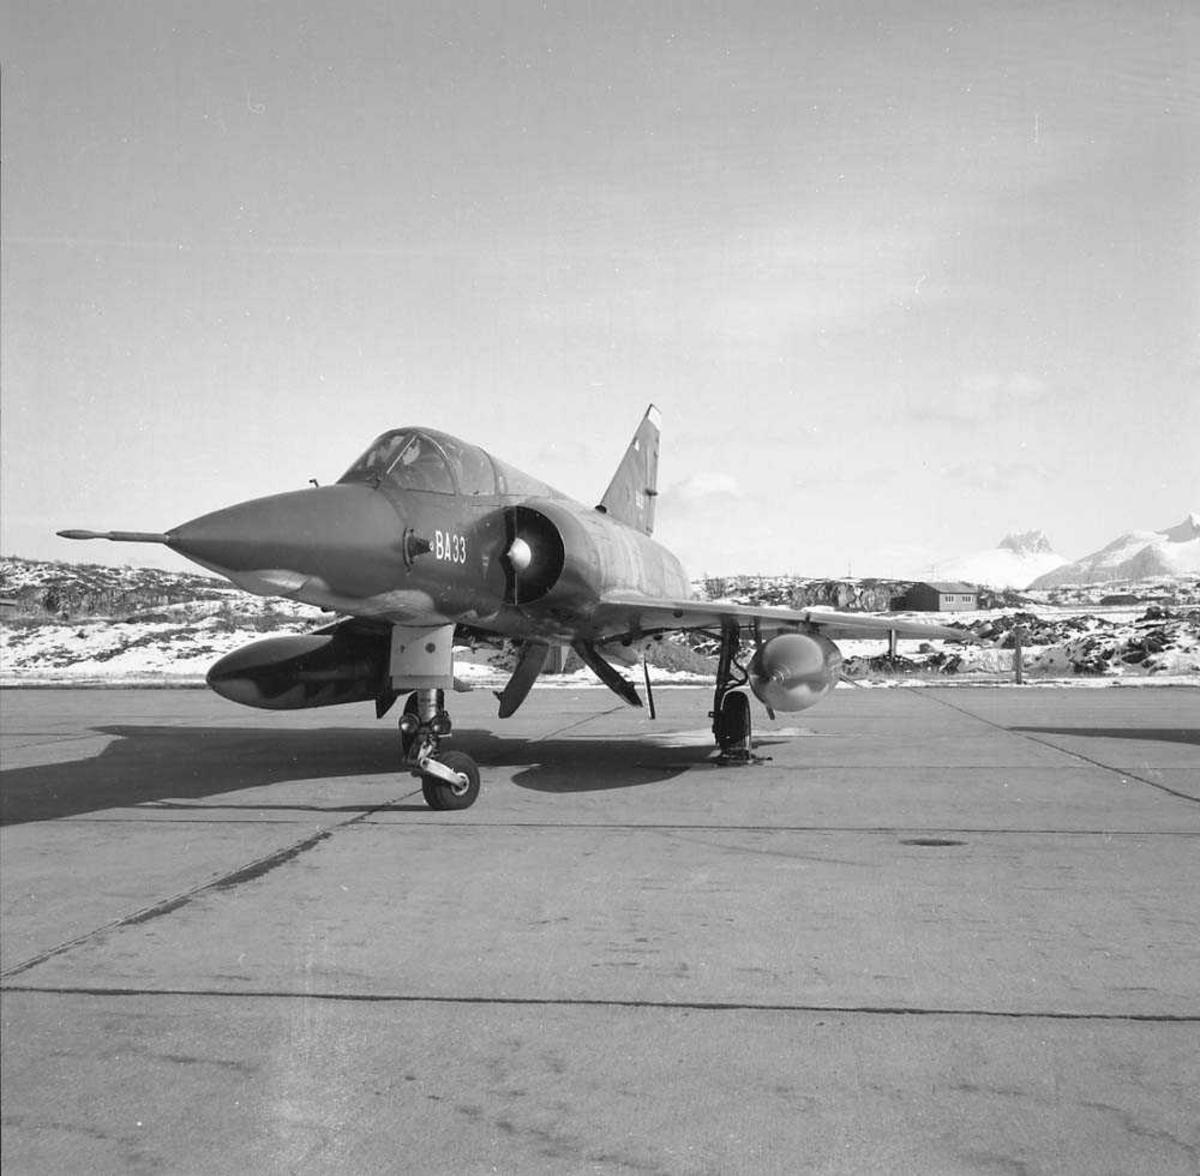 Et fransk jagerfly av typen Mirage står parkert ved 334 skvadrons område på Bodø flystasjon.